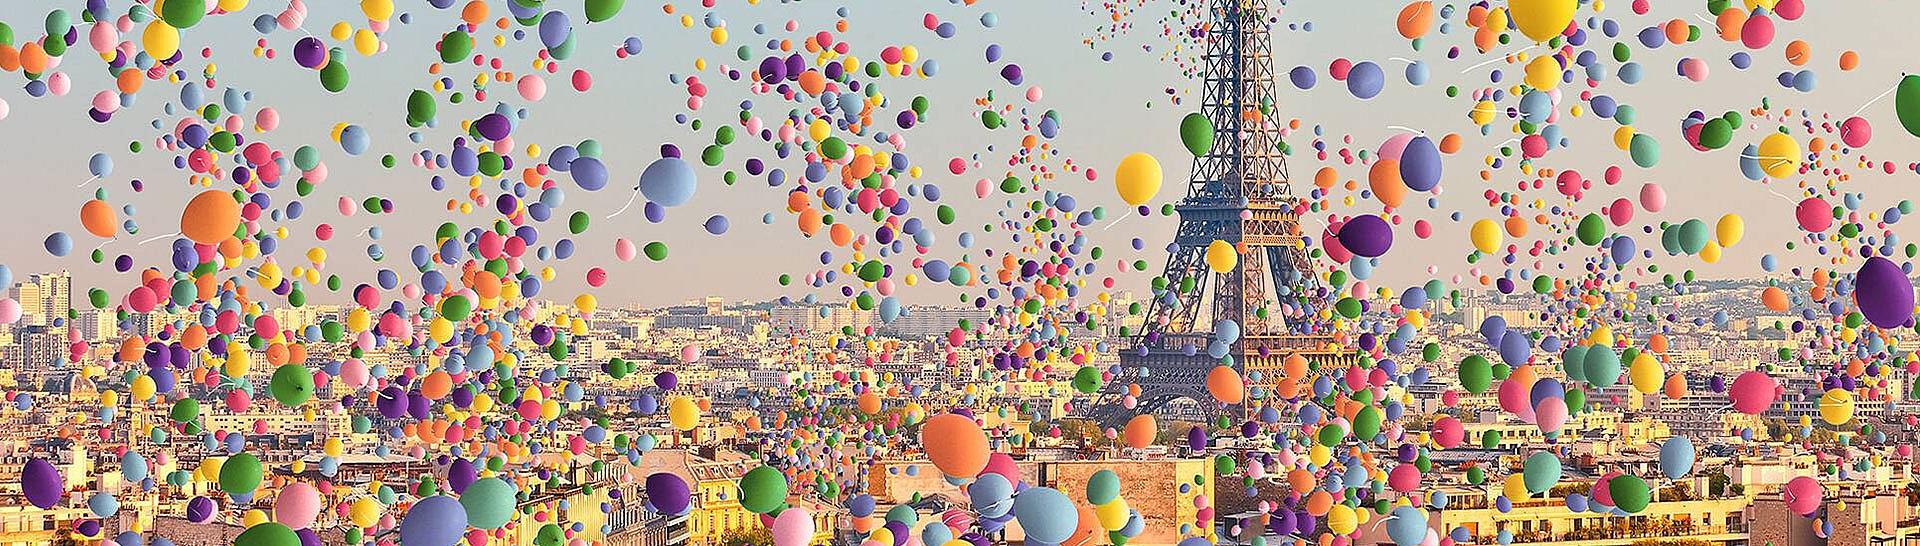 חידון האופרה בפריז